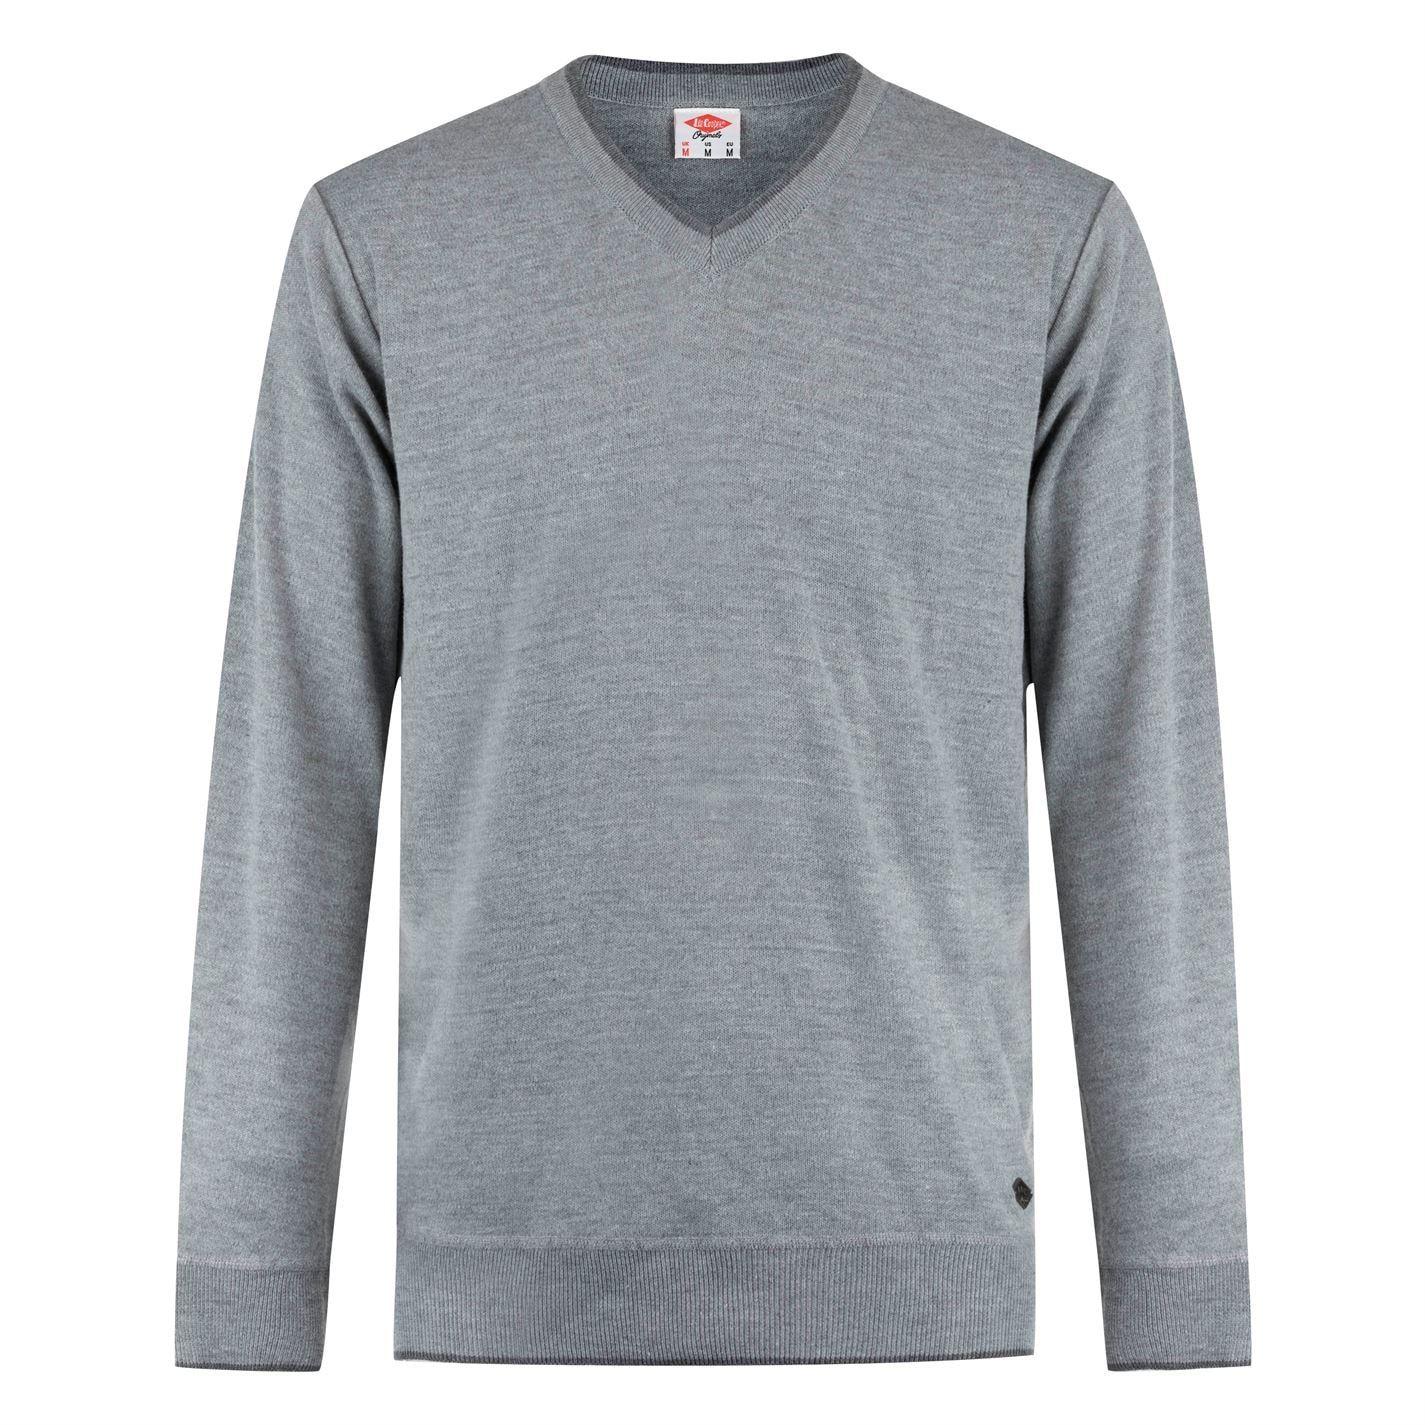 Lee-Cooper-Cuello-en-V-sueter-pulover-jumper-Top-Para-Hombre miniatura 8